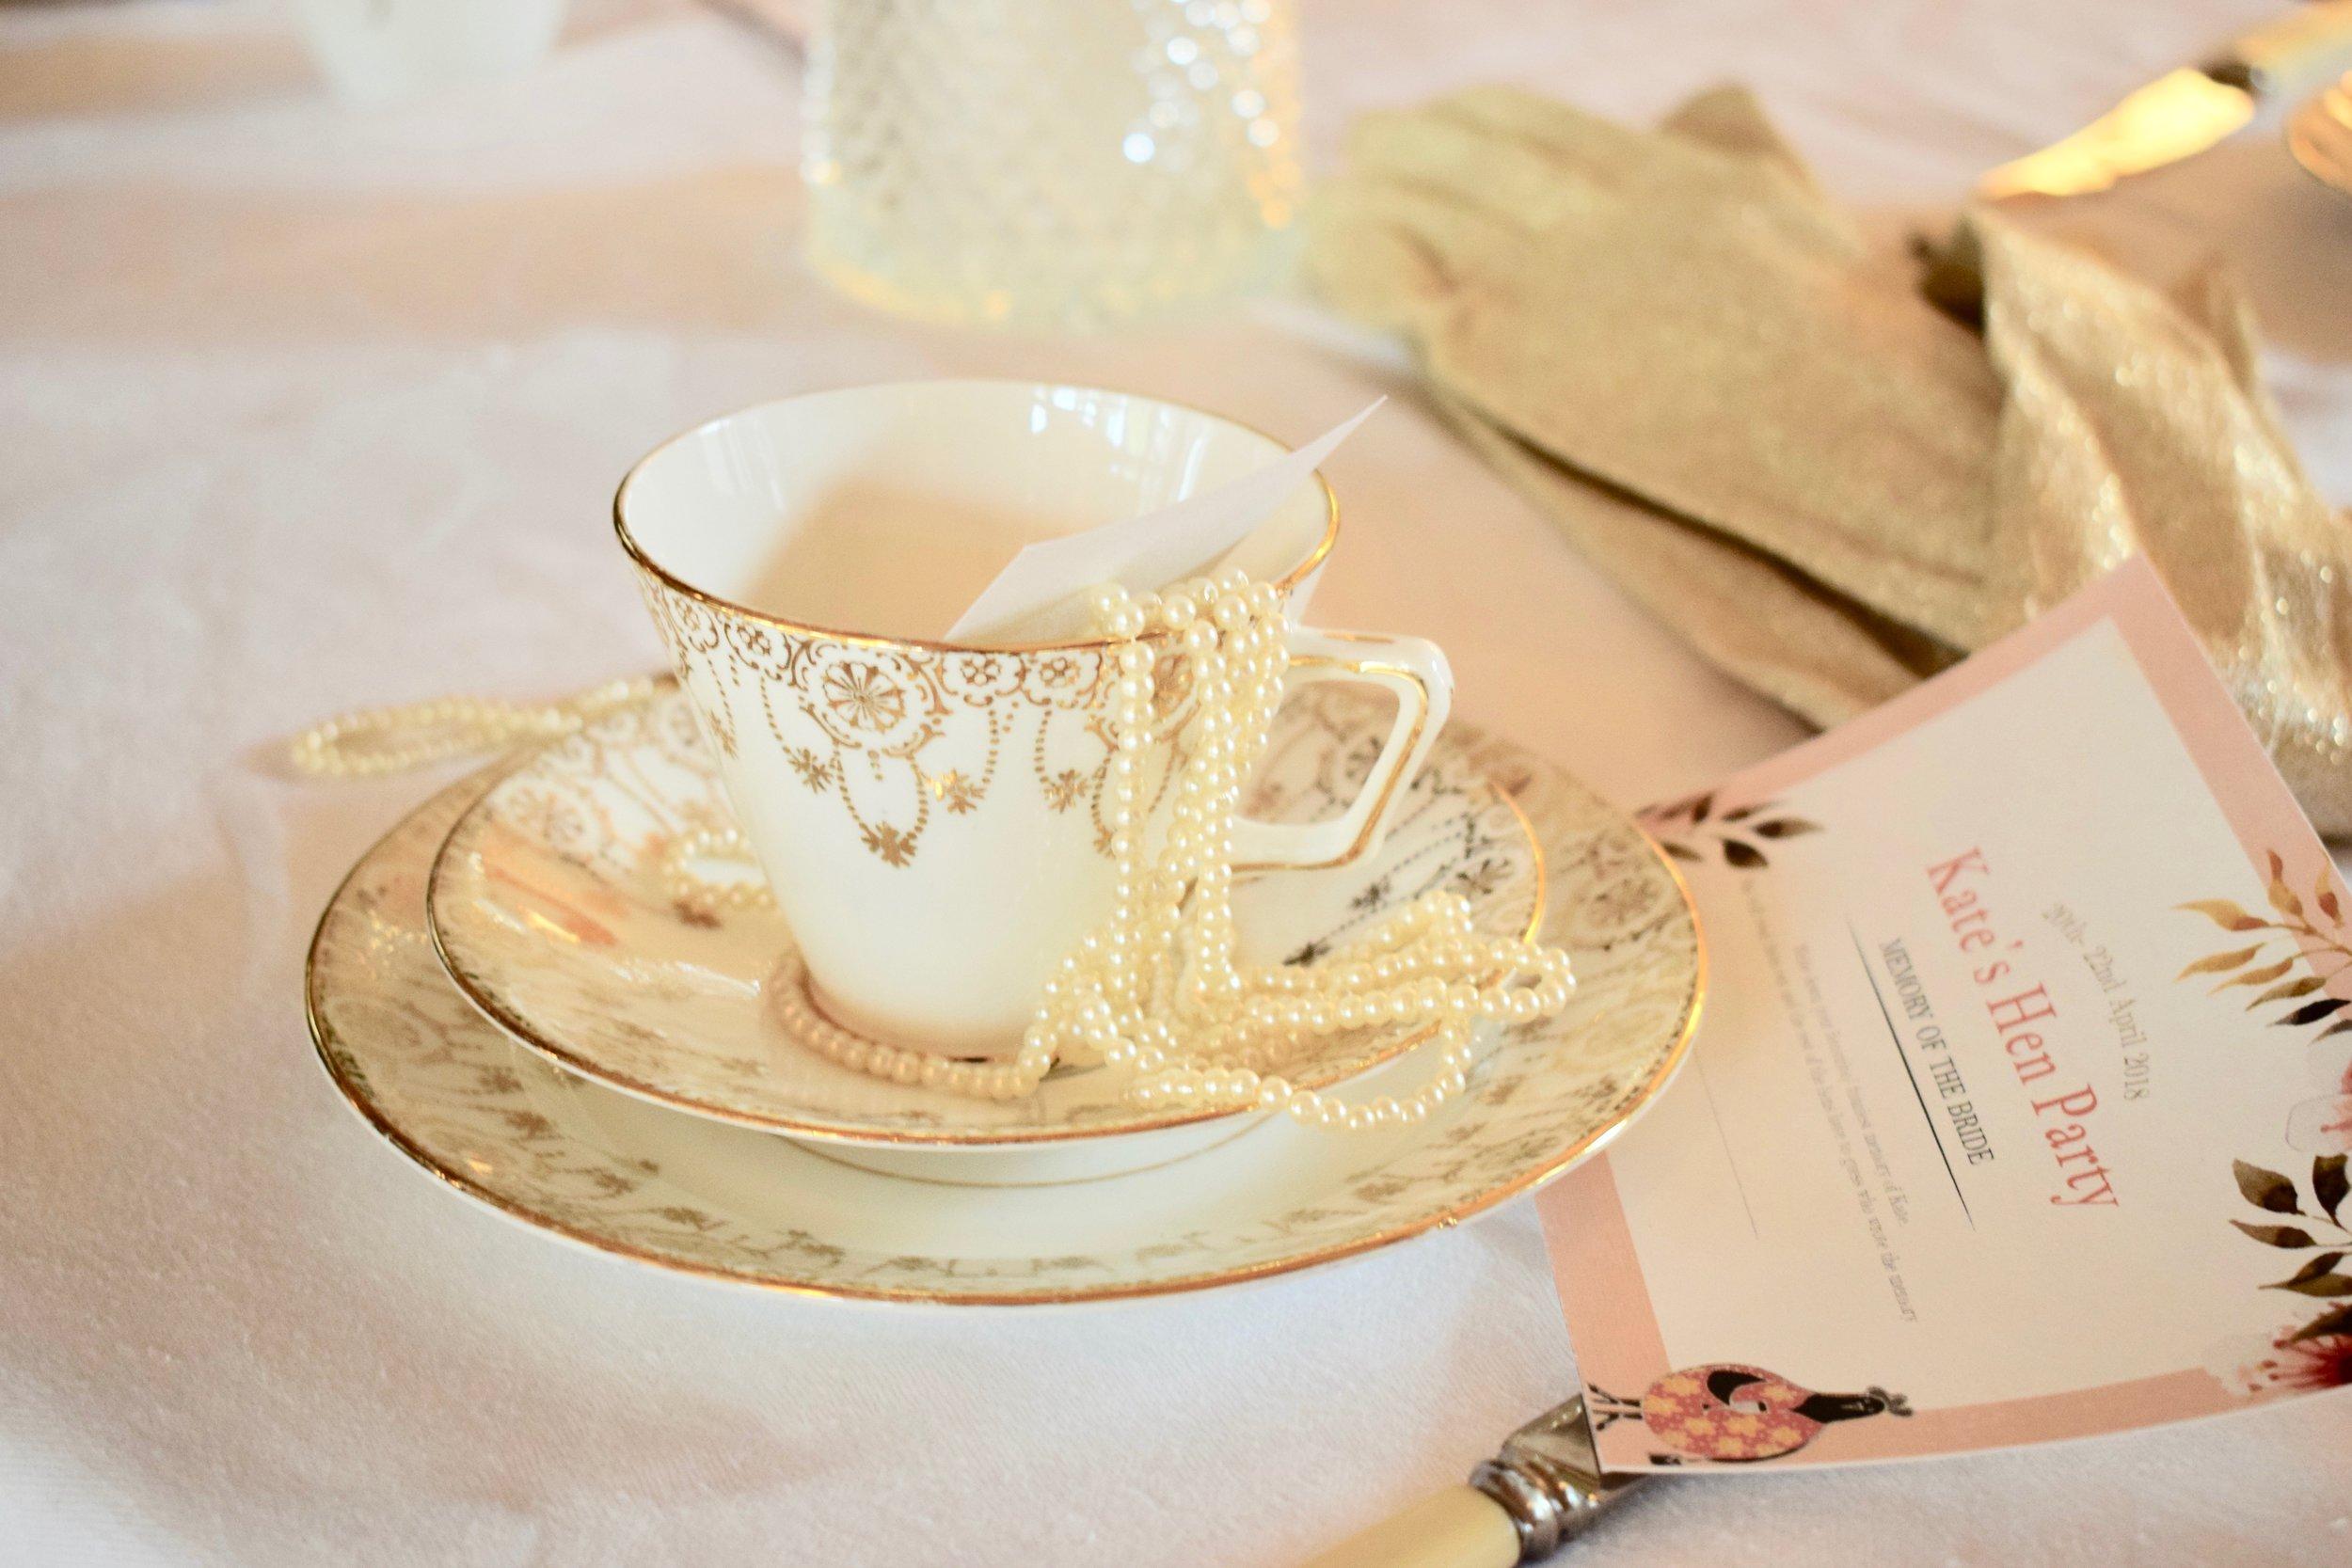 Anna Karenina Afternoon Tea